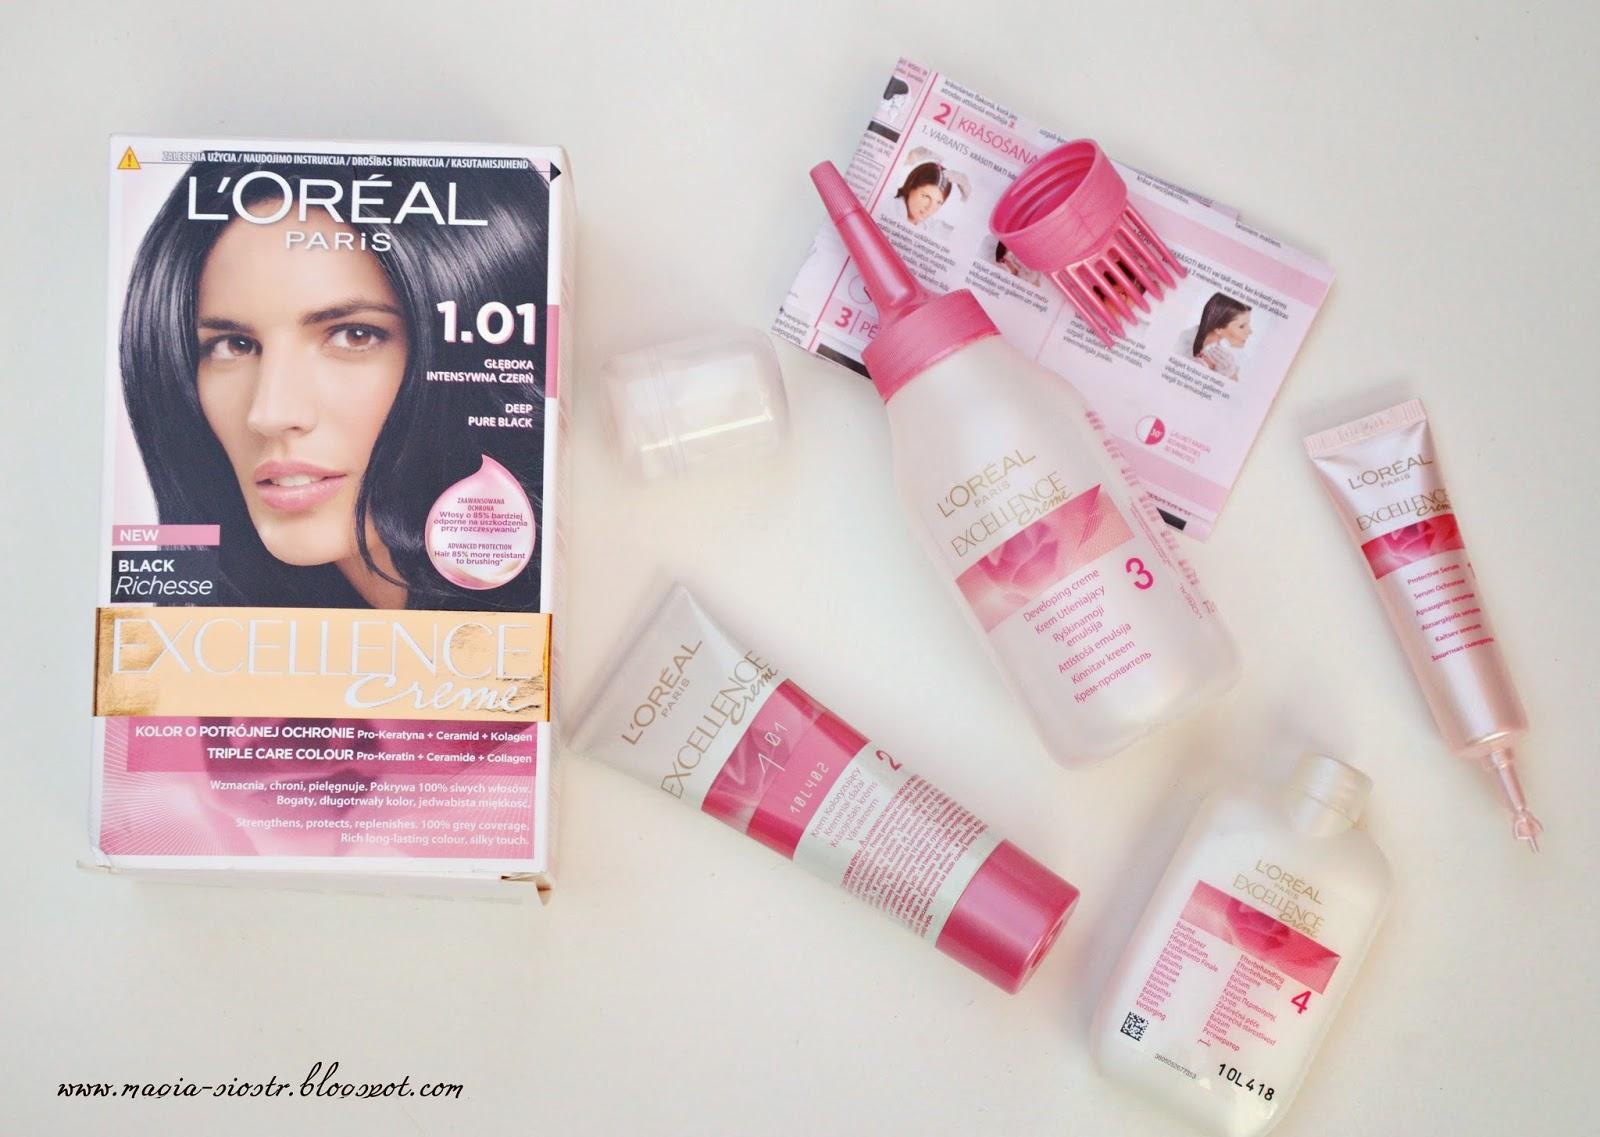 Przepis Sylwii na piękny kolor i zdrowe włosy z L'Oréal Paris